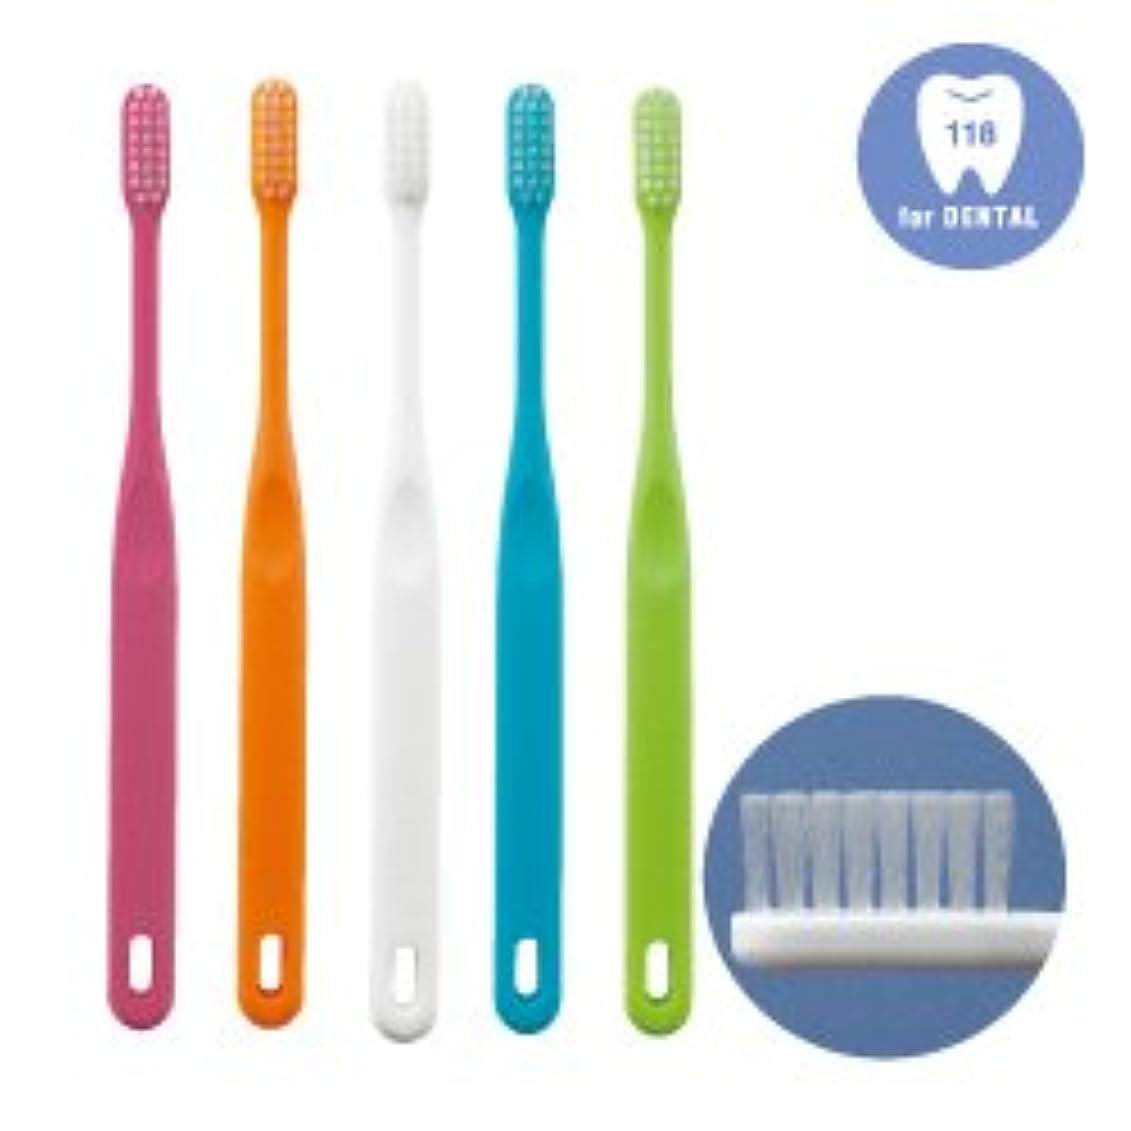 思い出たくさん穿孔する歯科専用歯ブラシ「118シリーズ」Advance(アドバンス)M(ふつう)25本